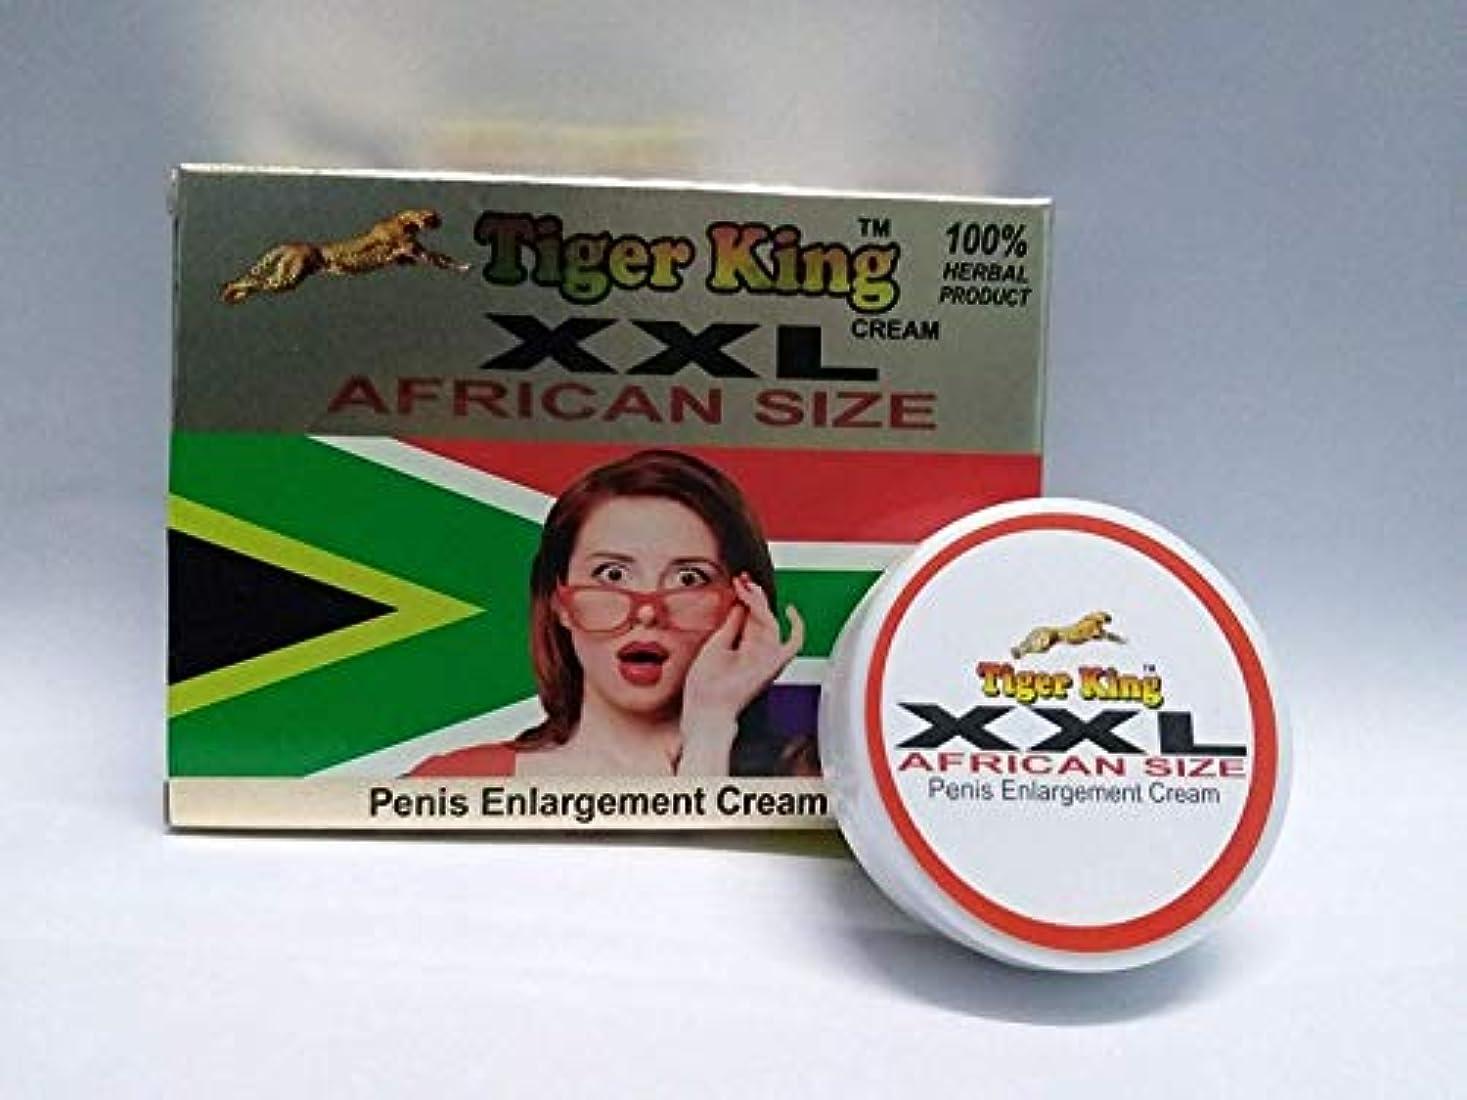 わずかに守る女性Herbal XXL African size 25 gram Penis Enlargement Cream Only For Men Herbal Cream 人のための草のXXLアフリカのサイズの陰茎の拡大クリームだけ